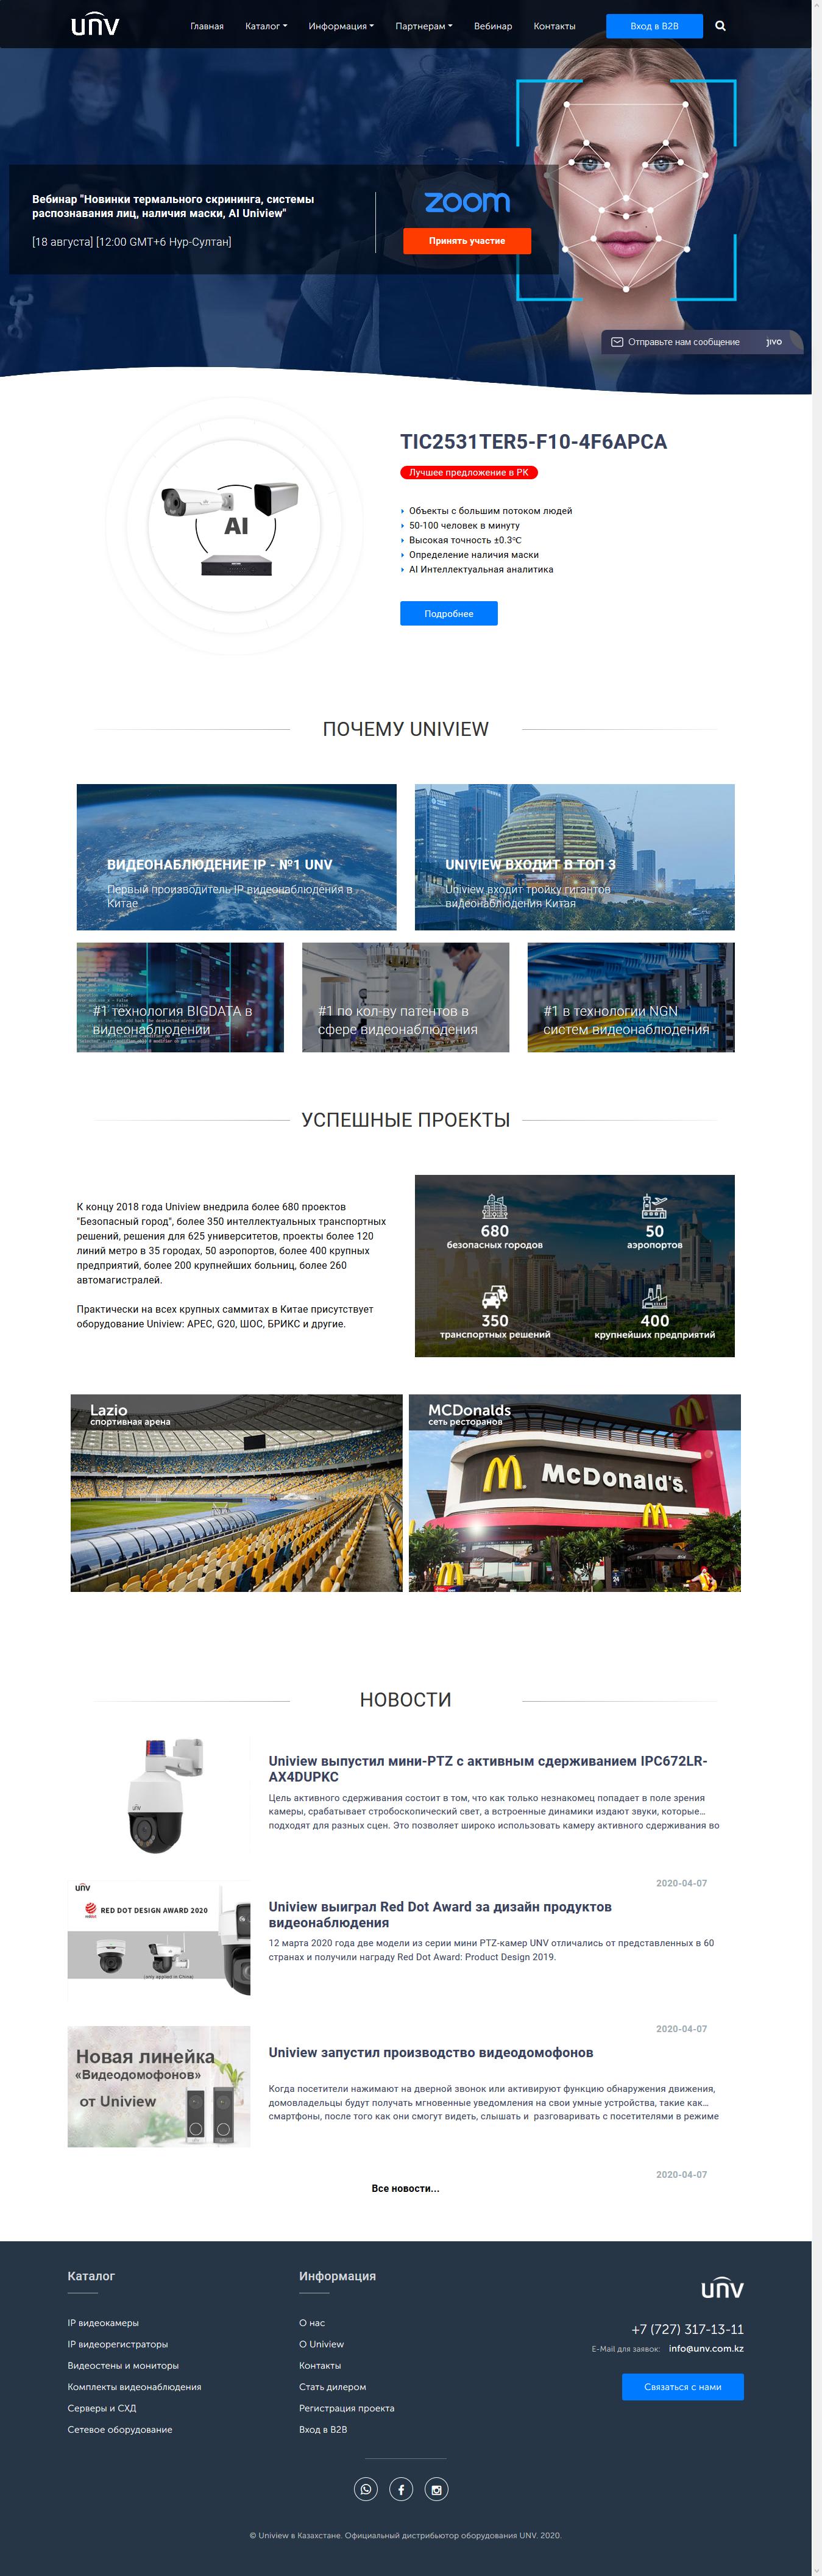 Фото Разработка сайта для официального дистрибьютора в РК продукции Uniview